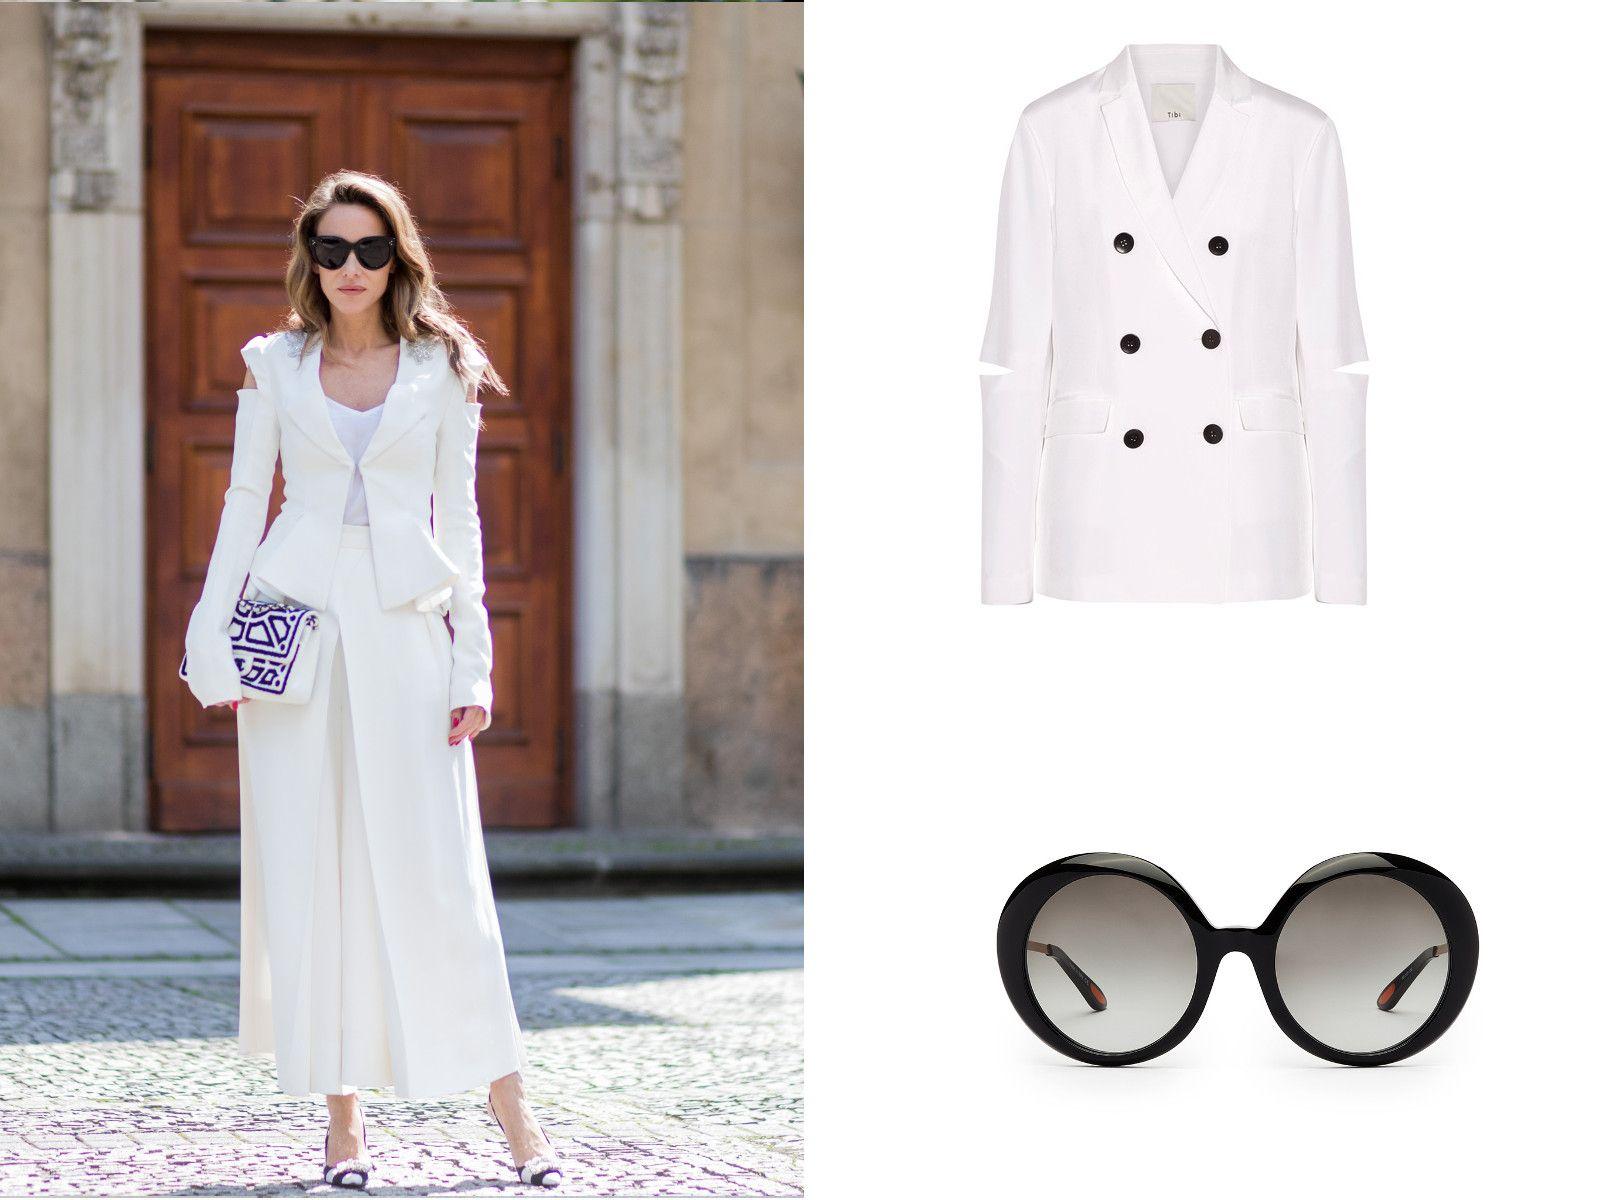 Culotte pantaloni a vita alta nell'outfit elegante da ufficio con giacca e occhiali scuri